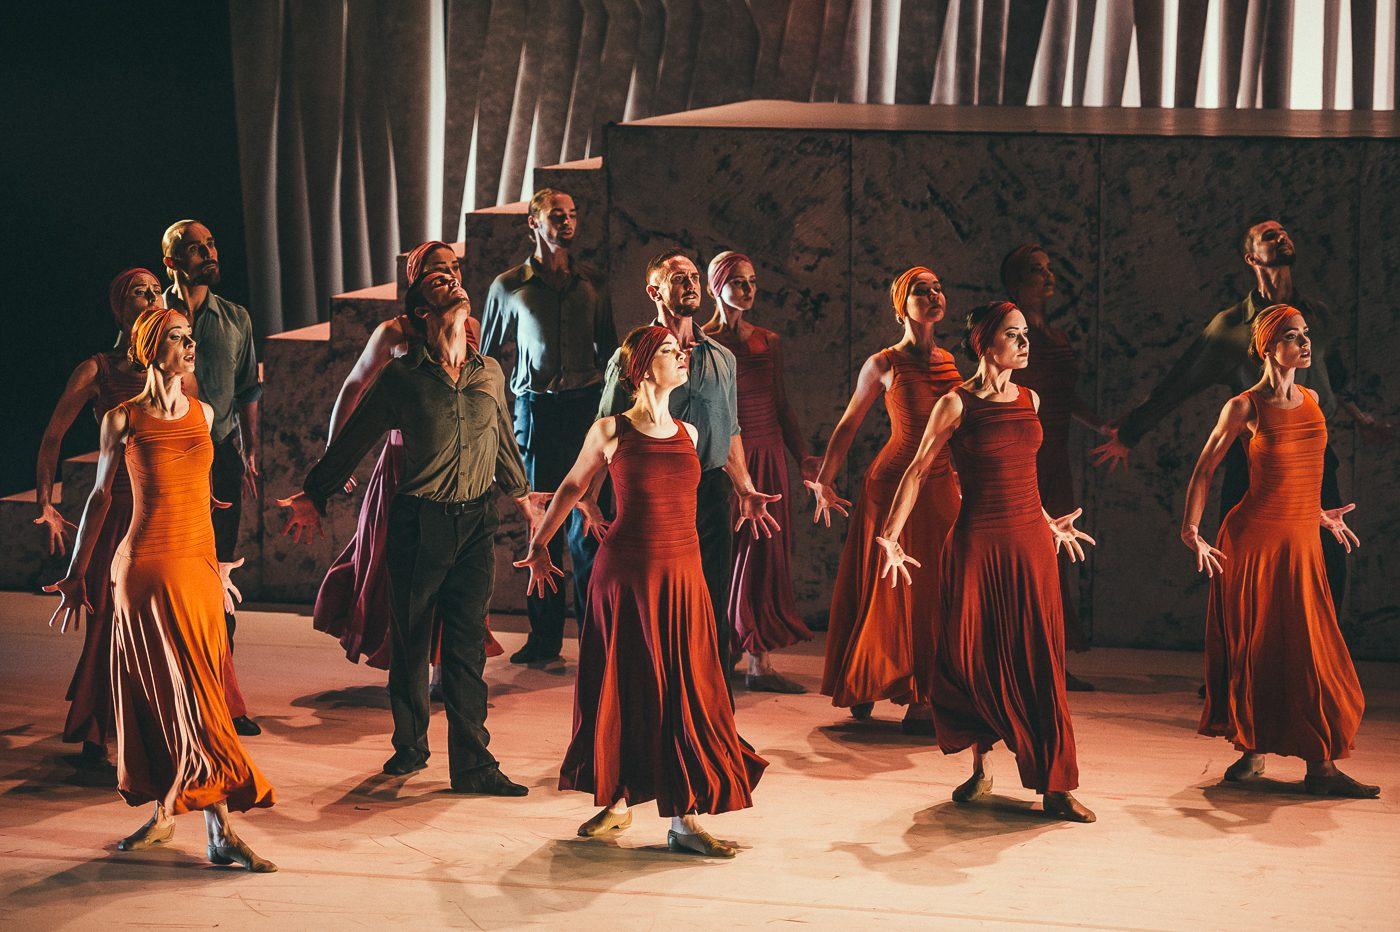 Premjera Zorba Muzikinis Teatras E.sabaliauskaite 015